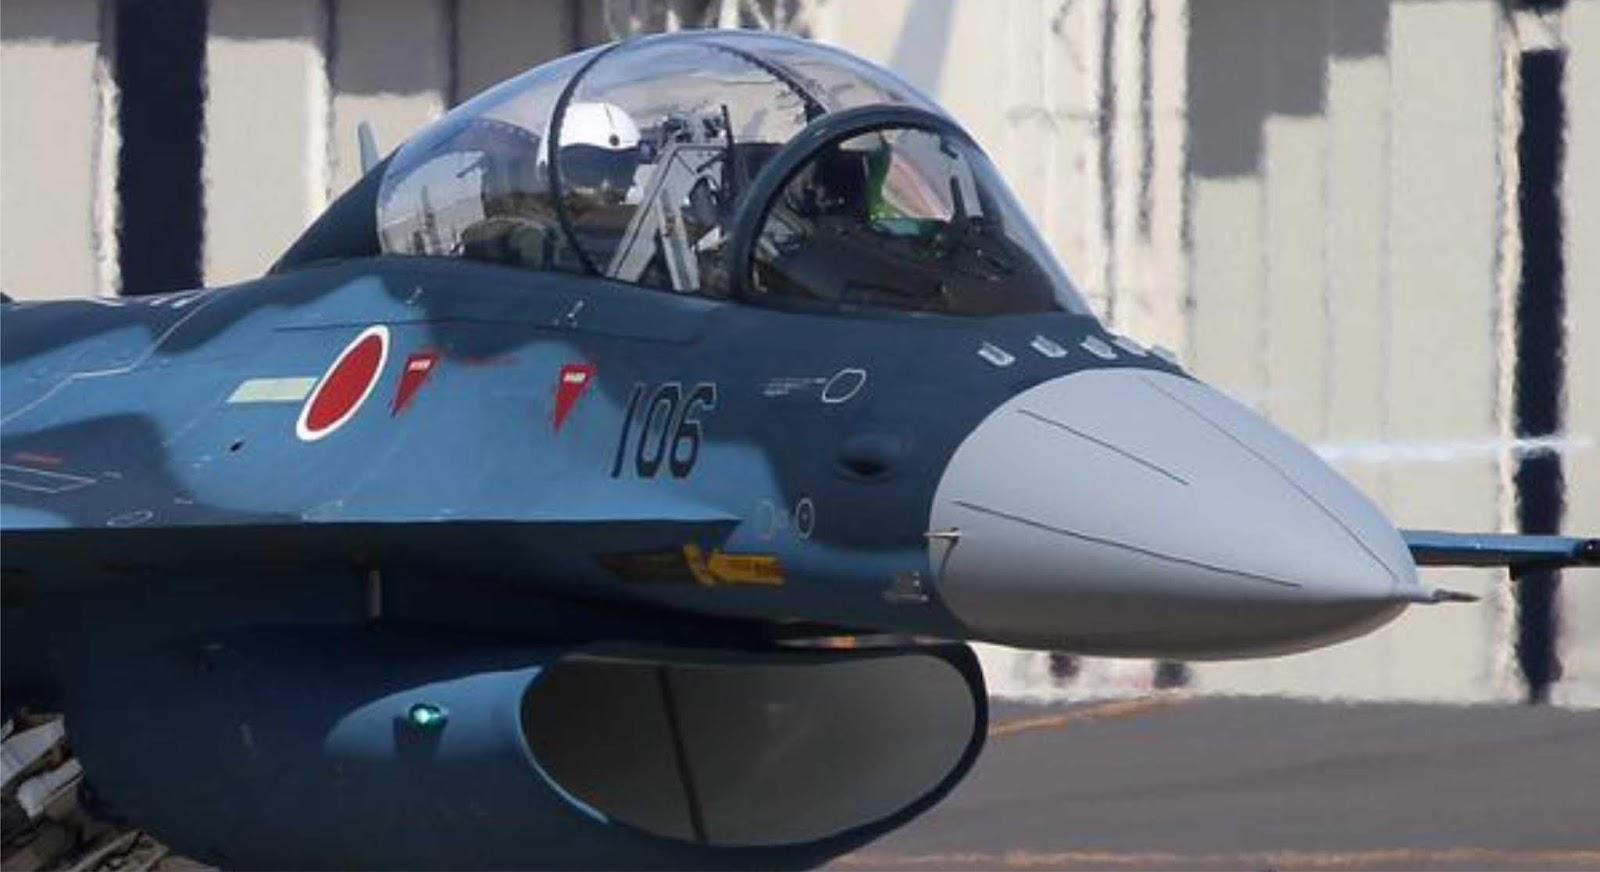 Jepang sedang menjajaki proyek bersama dengan Amerika Serikat untuk mengembangkan pesawat tempur baru